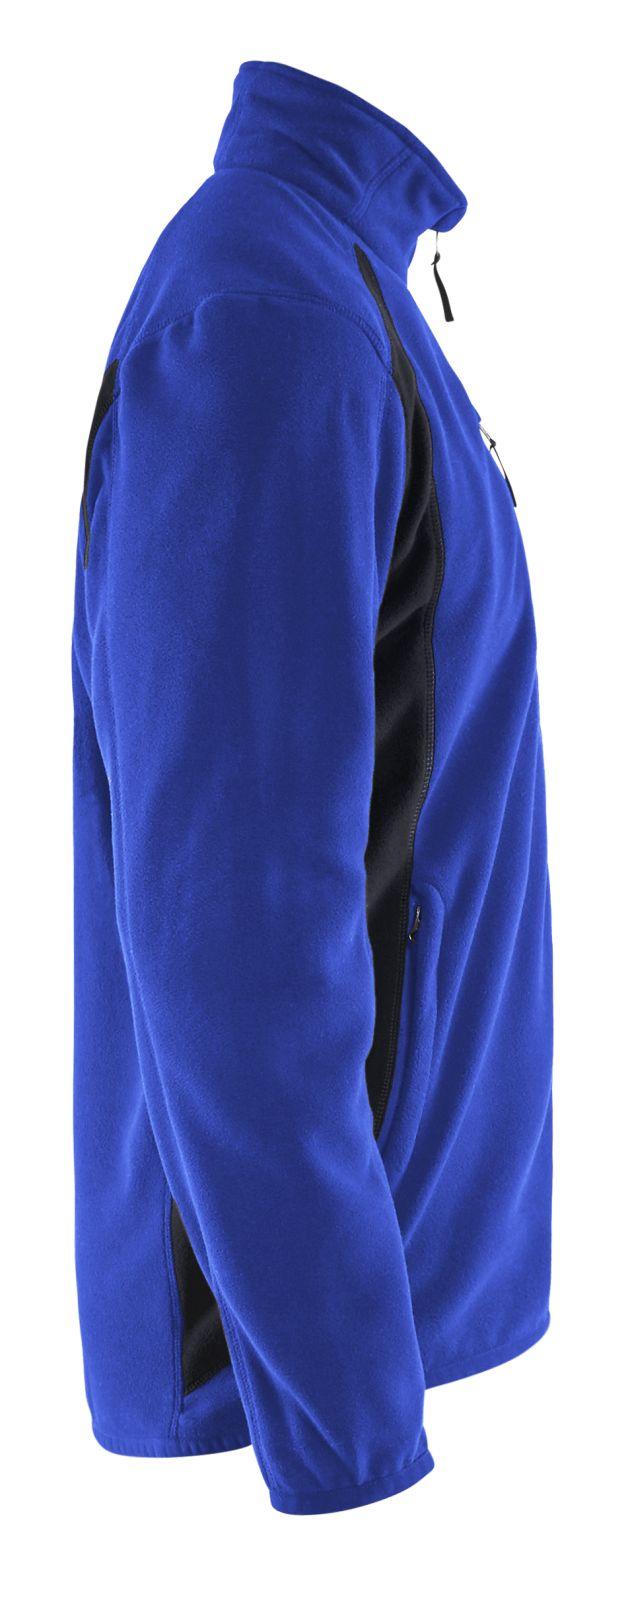 Blaklader Fleece vesten 47302510 korenblauw-zwart(8599)